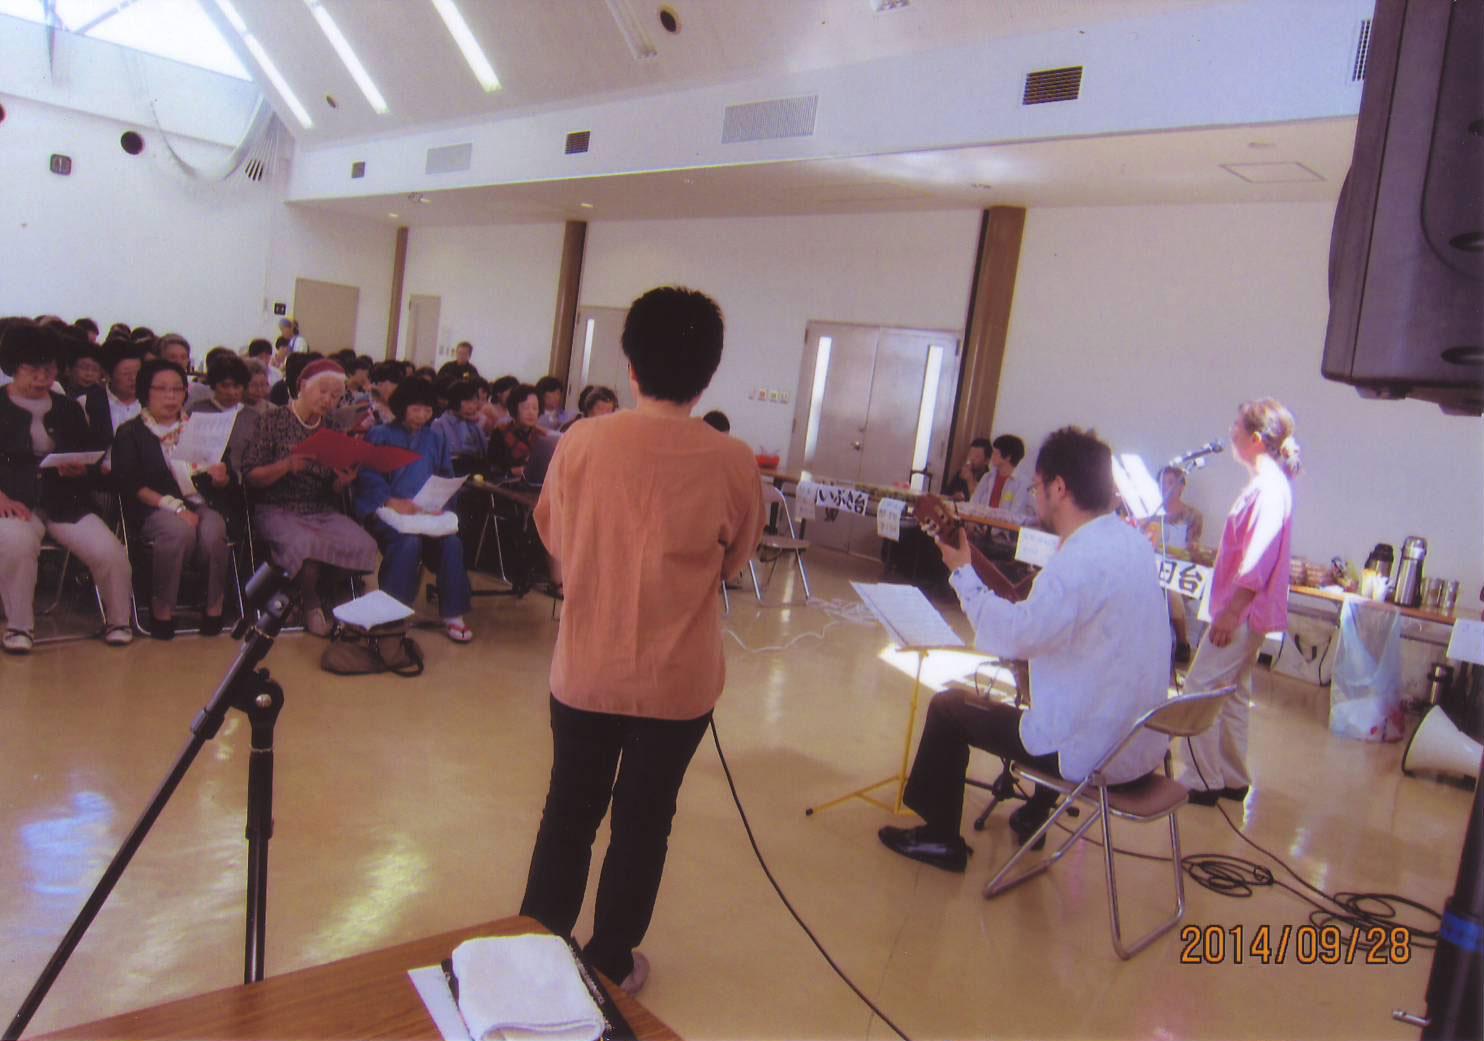 9/28(日) 新婦人西支部フェスタ出演_e0159902_10162241.jpg